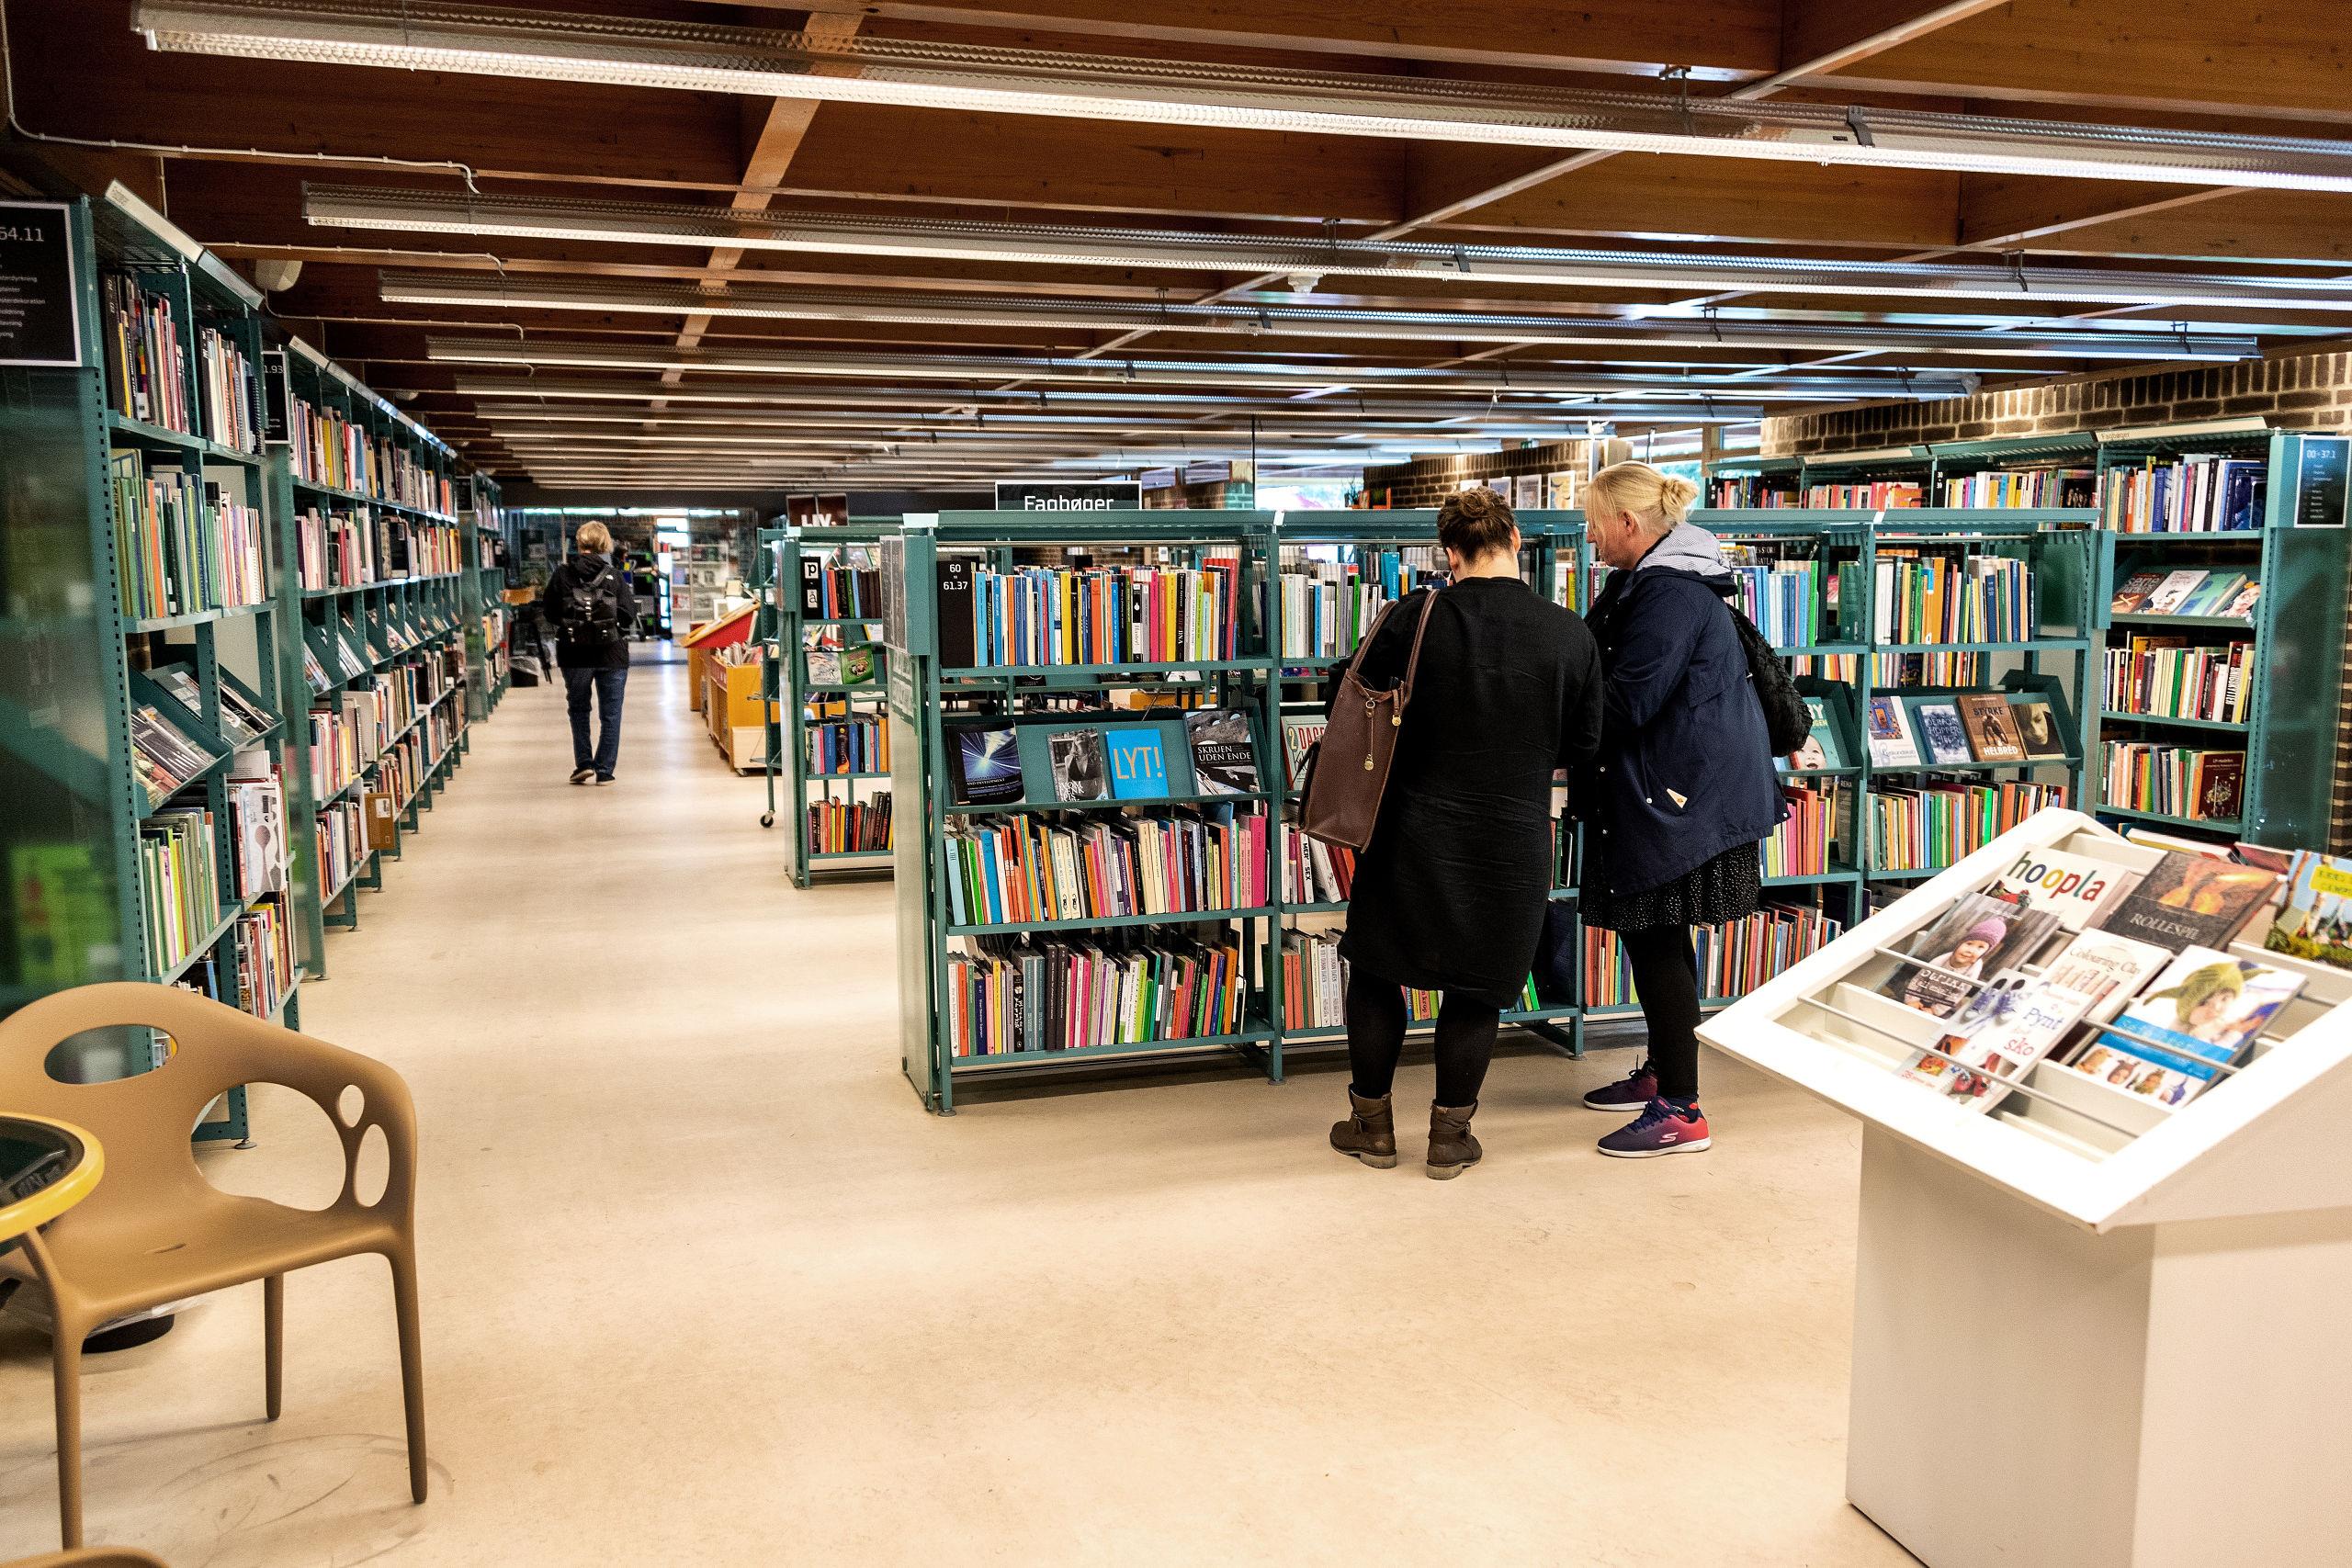 Hovedparten af bøgerne forsvinder ved årsskiftet fra Haraldslund Bibliotek, når det bliver lavet til et såkaldt servicepunkt. Arkivfoto: Laura Guldhammer